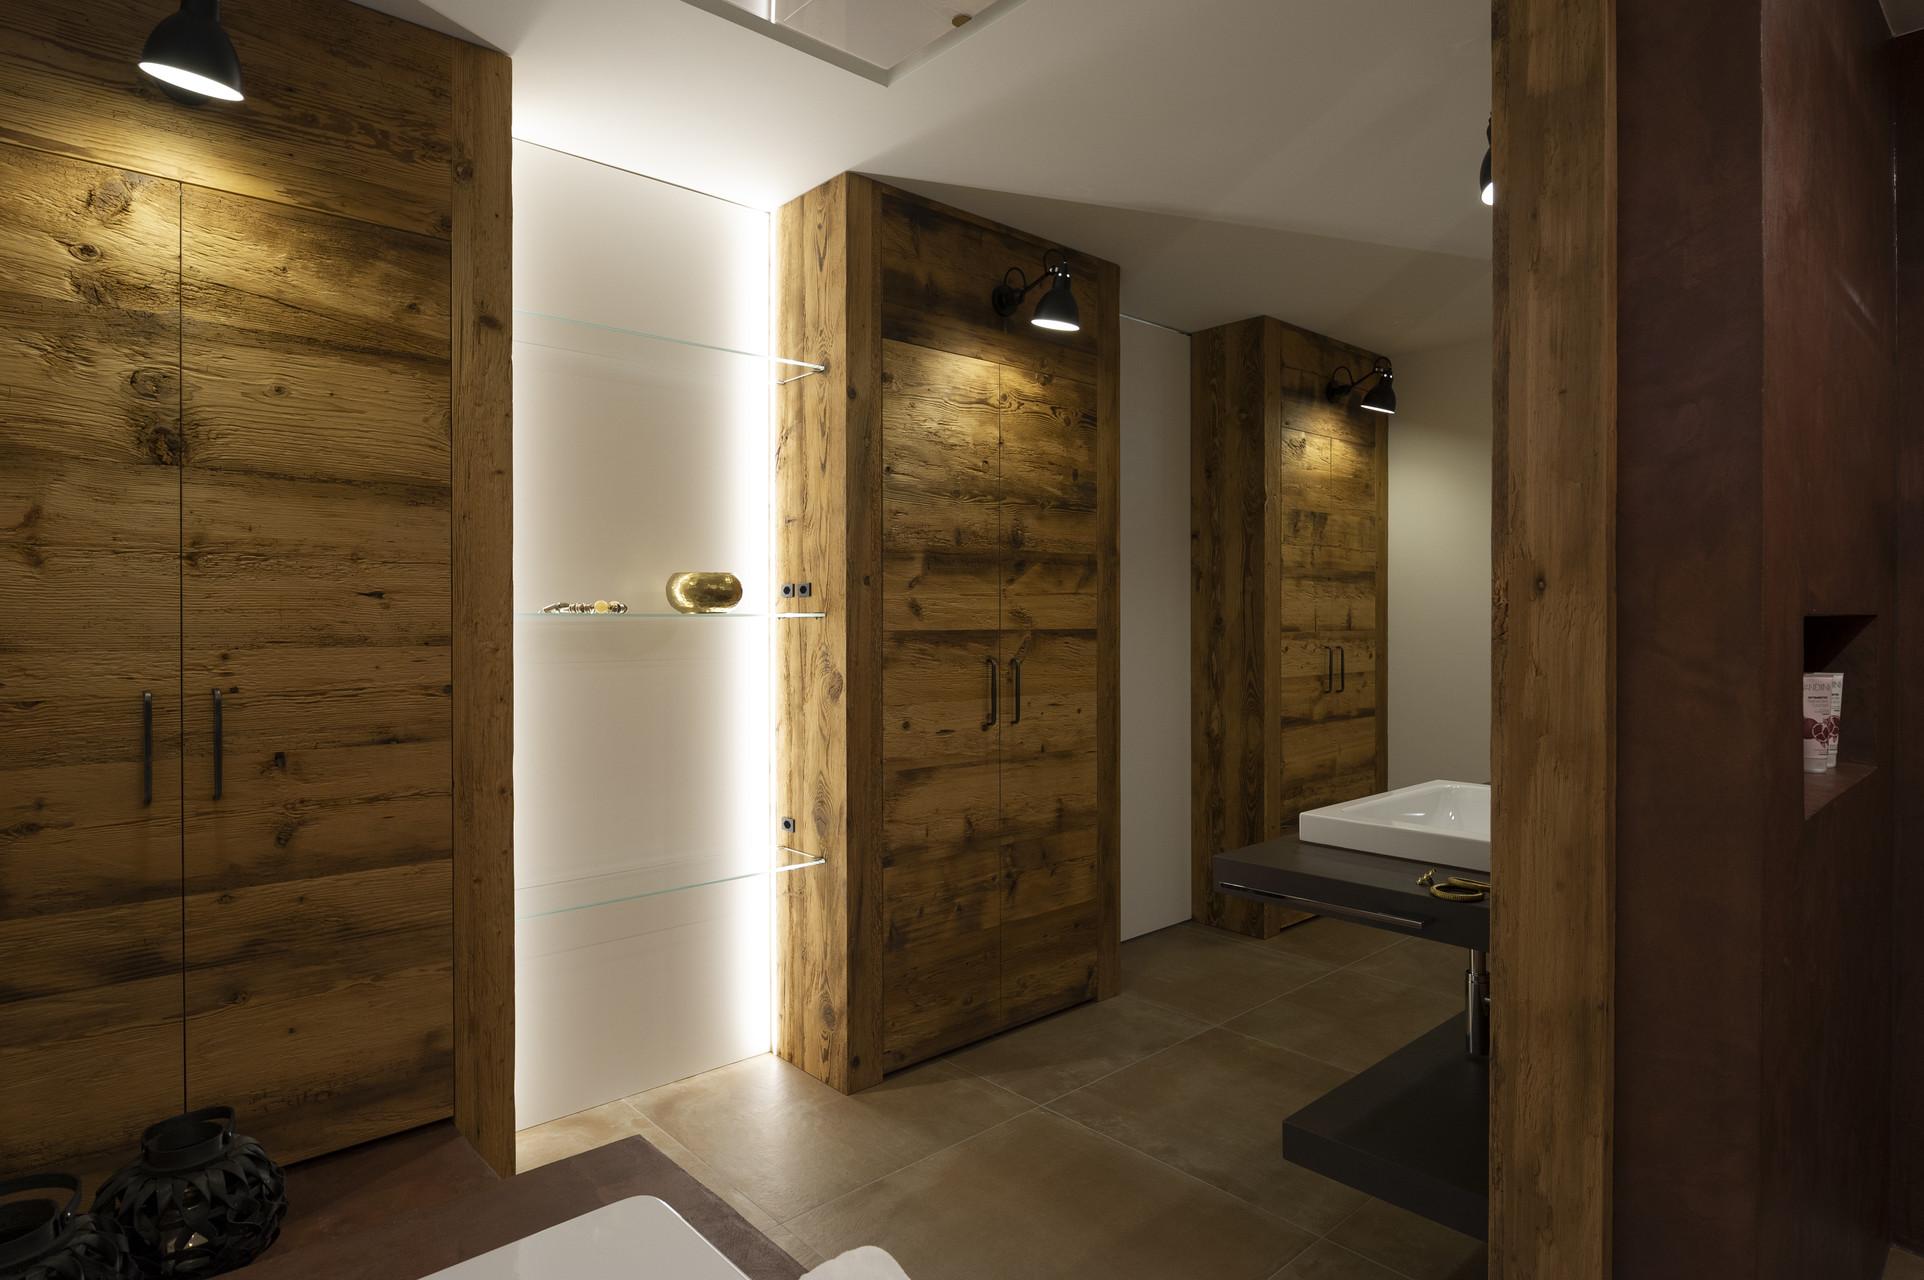 Wohn-Geschaeftshaus-Ottenhofenstrasse 33-35-37-MO-Architektur-Uznach-Linthgebiet-Ostschweiz-_BAD_Altholz_Natuofloorl